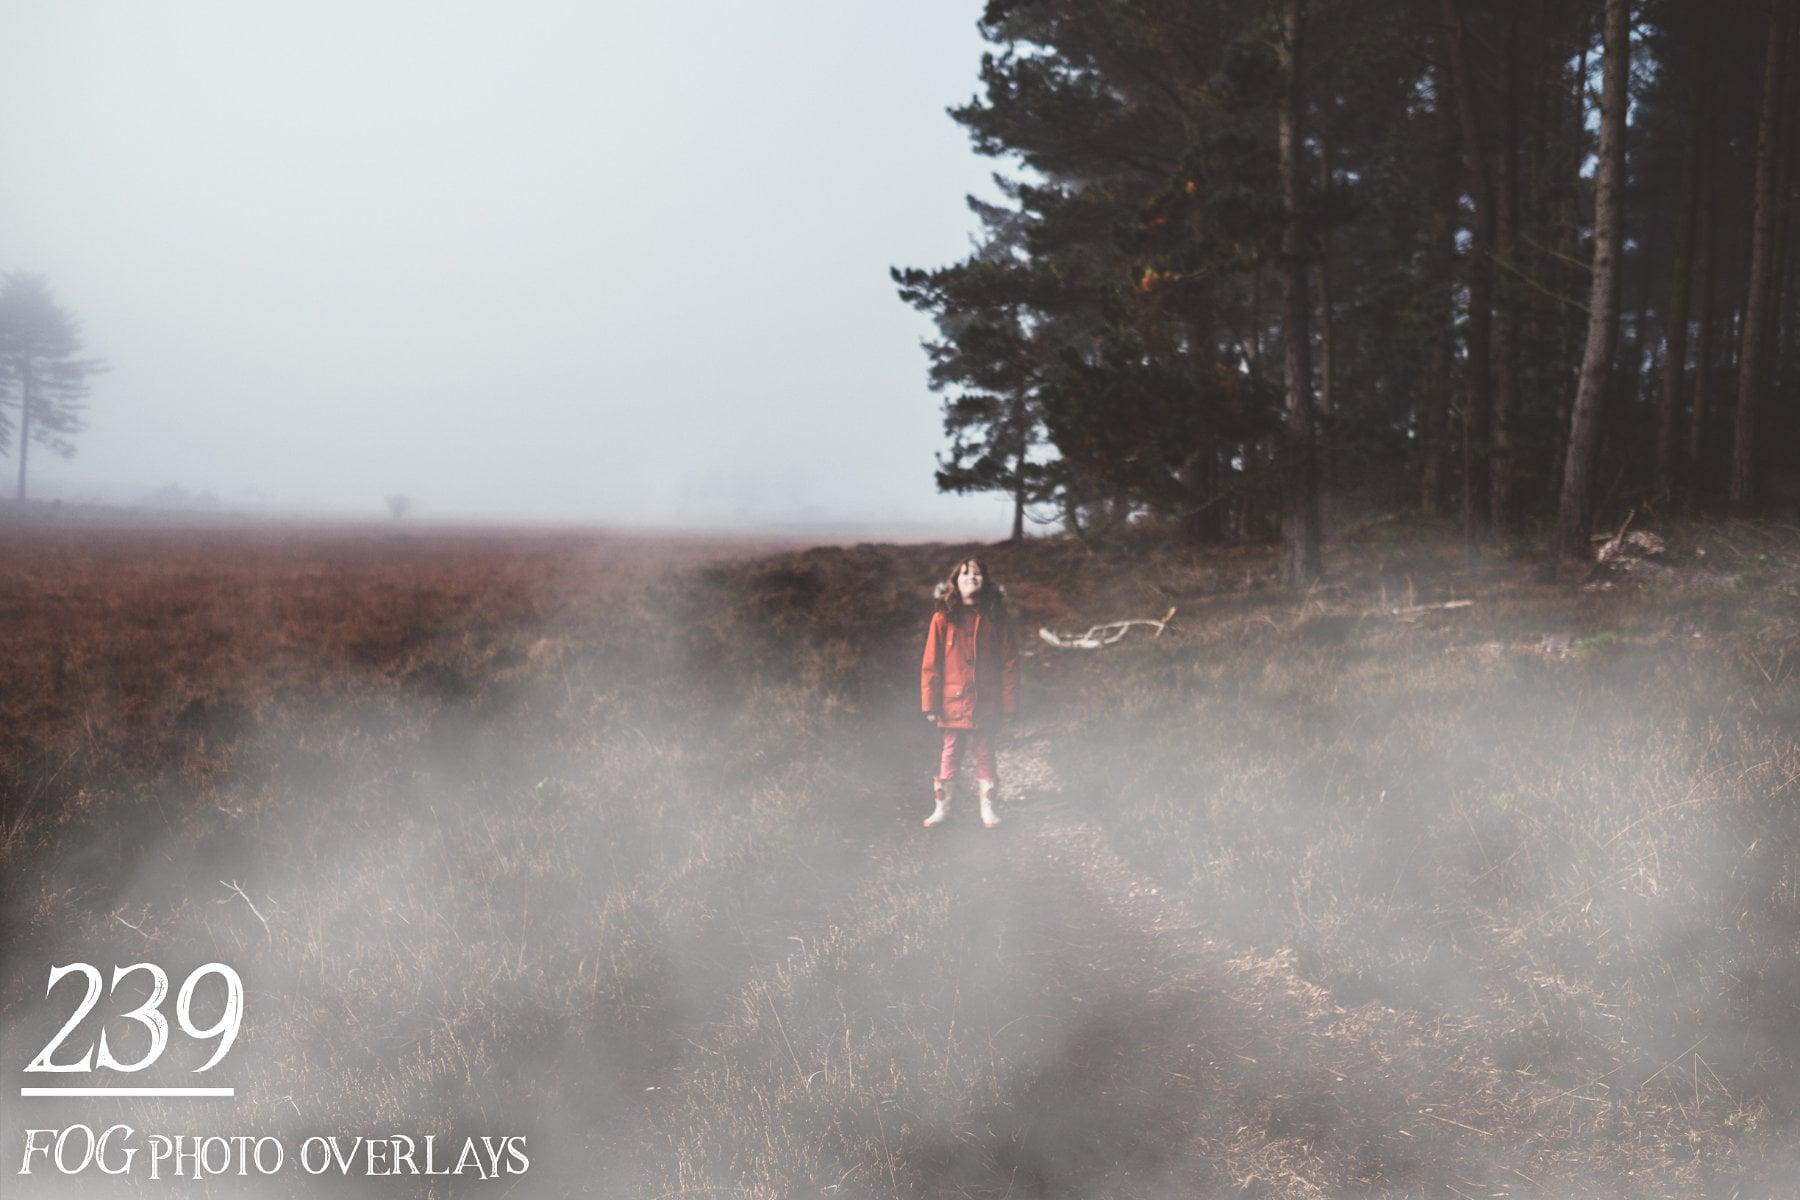 239 Fog Photo Overlays - just $15 - 22